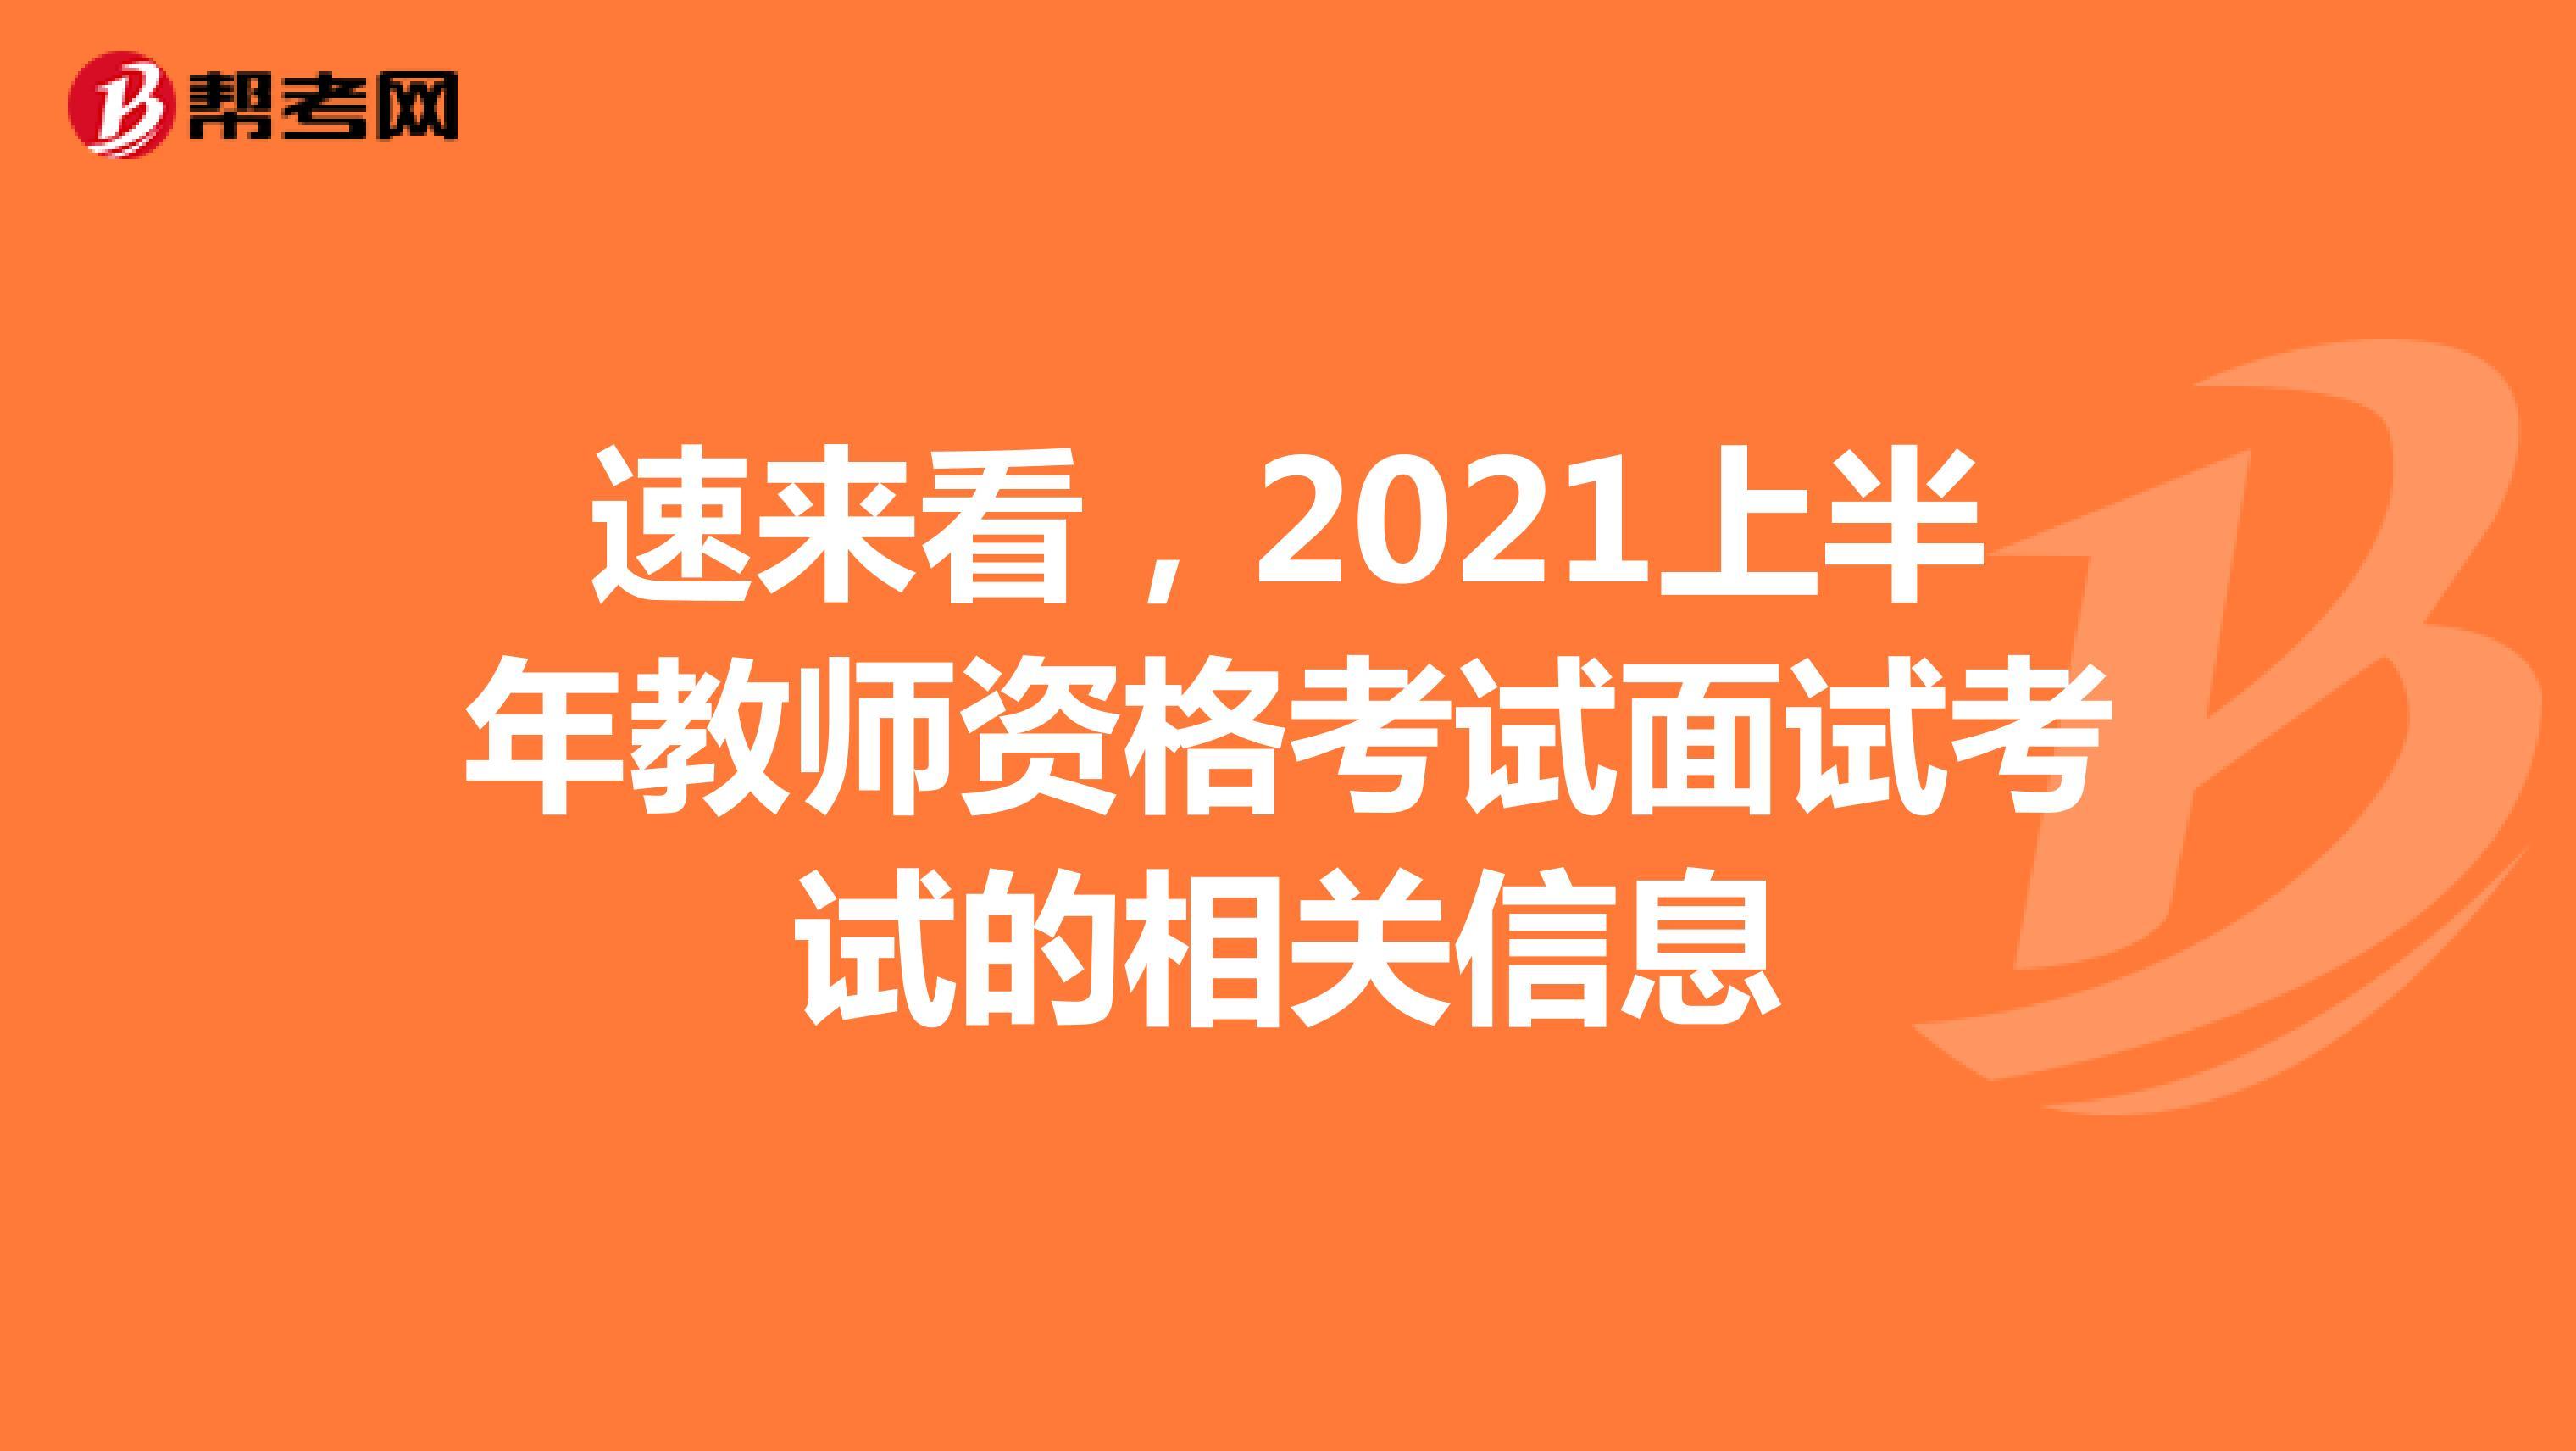 速來看,2021上半年教師資格考試面試考試的相關信息